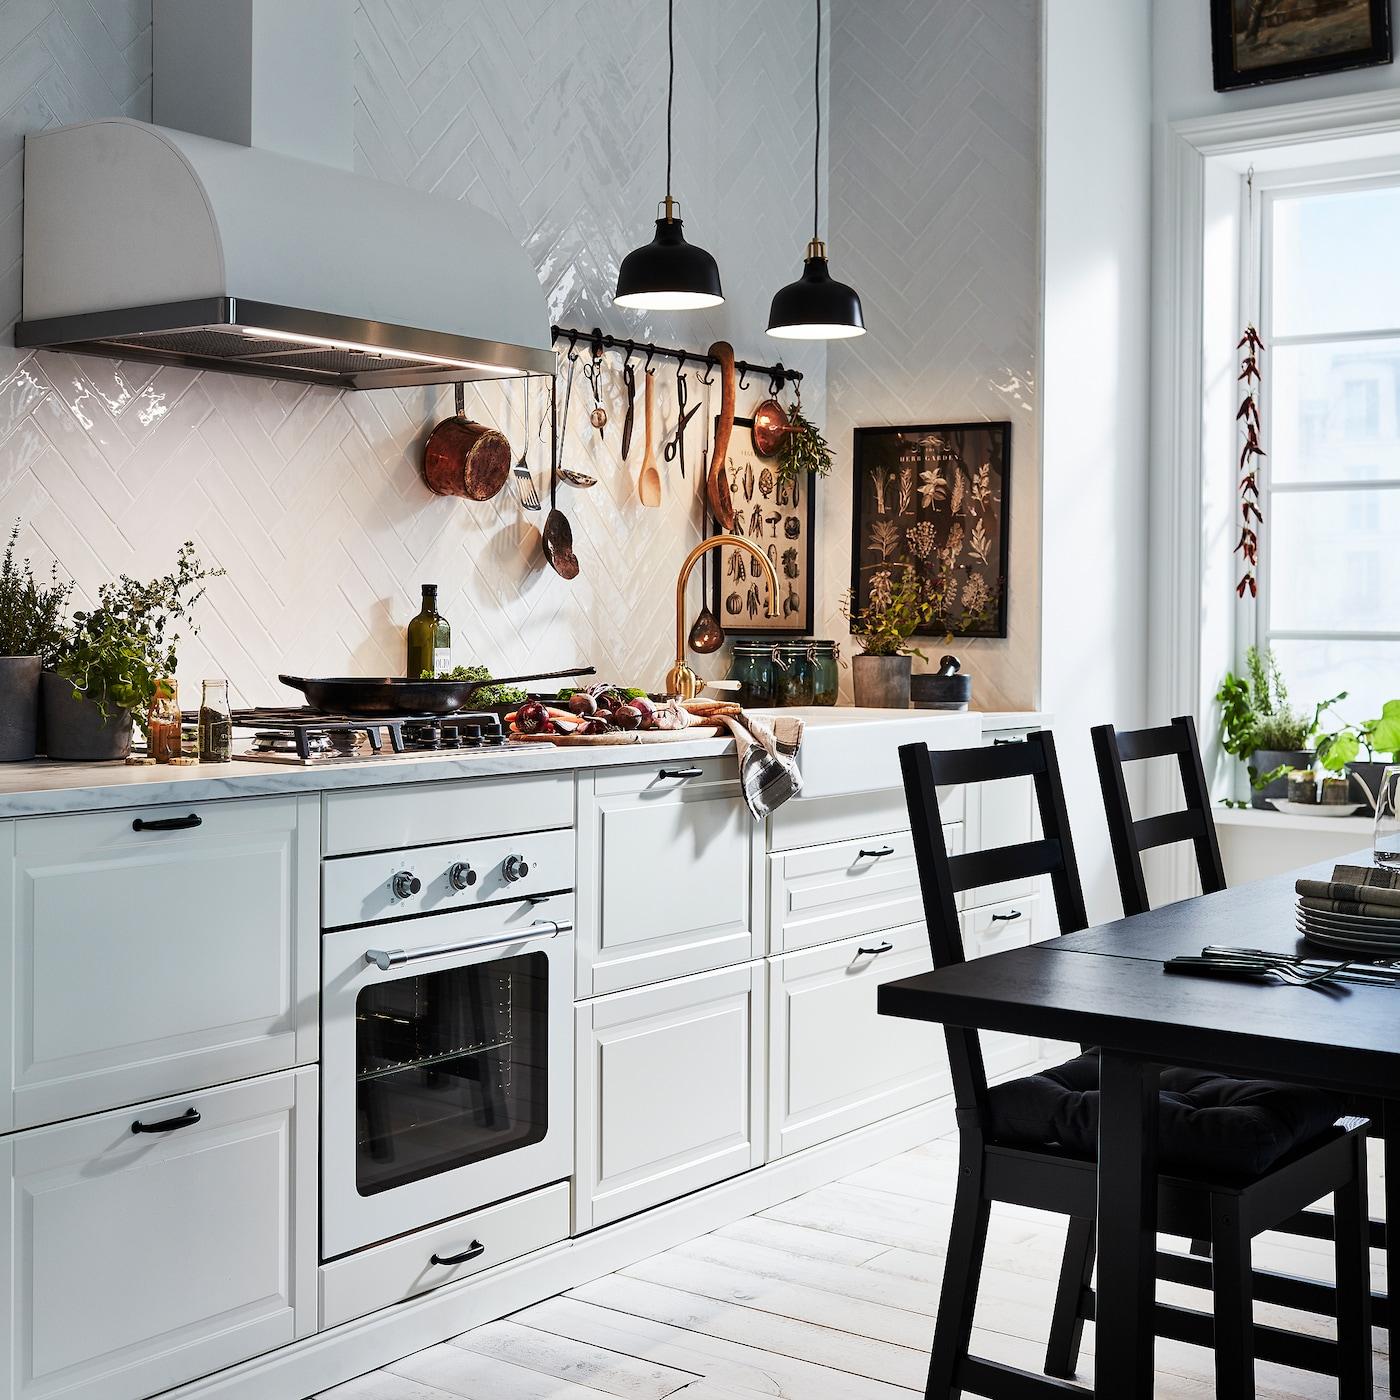 Uma cozinha BODBYN em branco-bege iluminada por dois candeeiros suspensos em preto. Uma mesa em preto e duas cadeiras em preto ao lado.